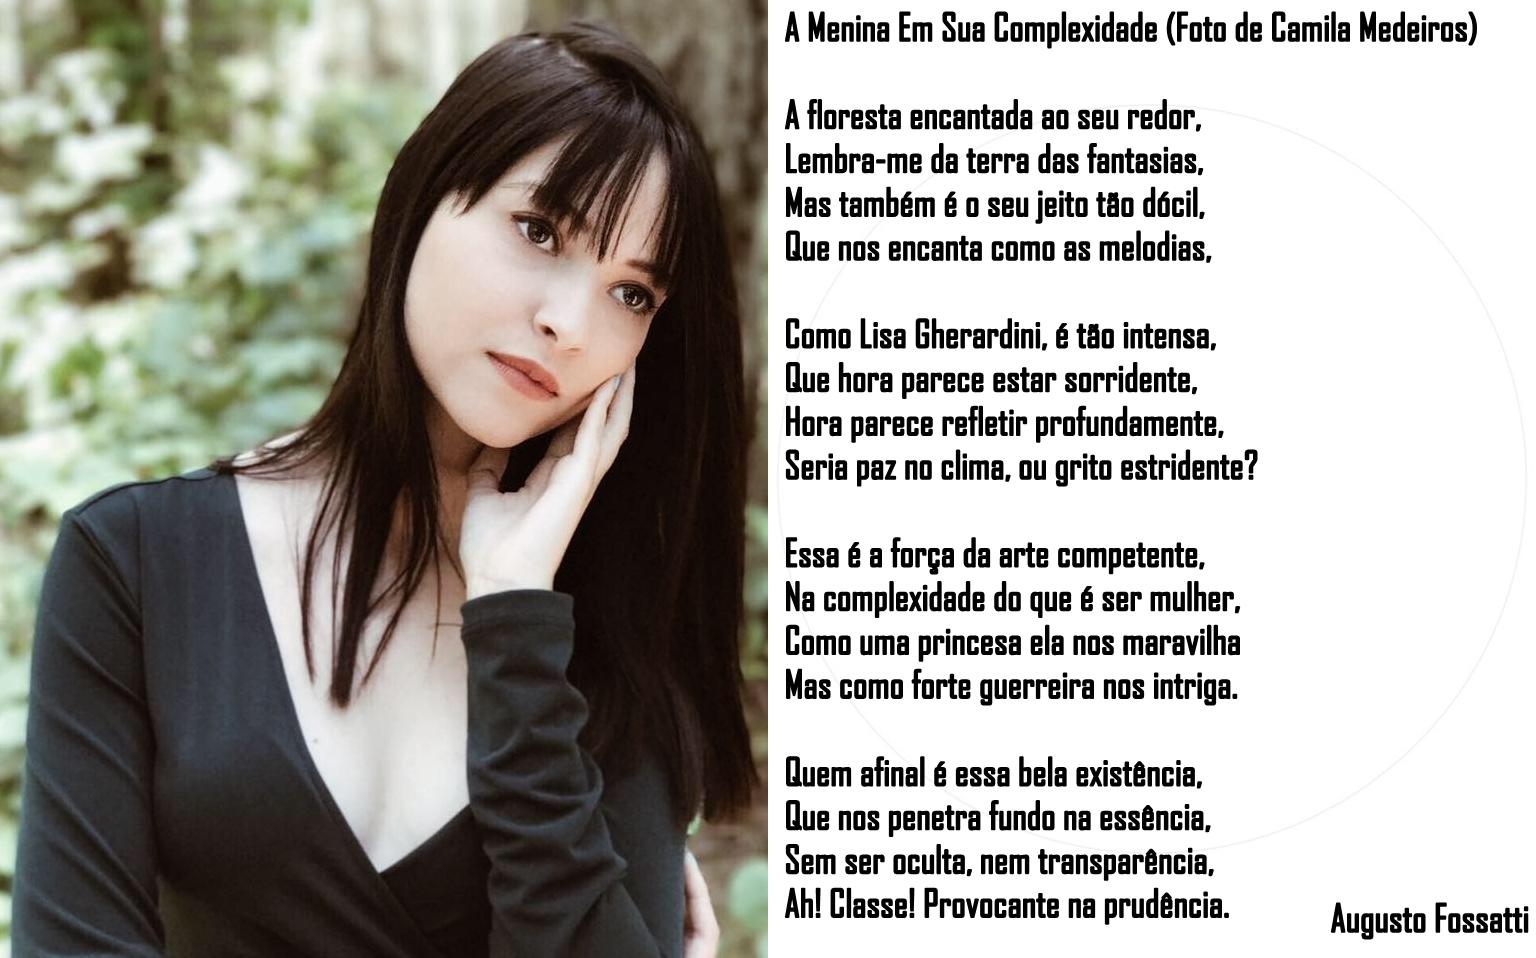 ELA É UM POEMA #6 - A MENINA EM SUA COMPLEXIDADE